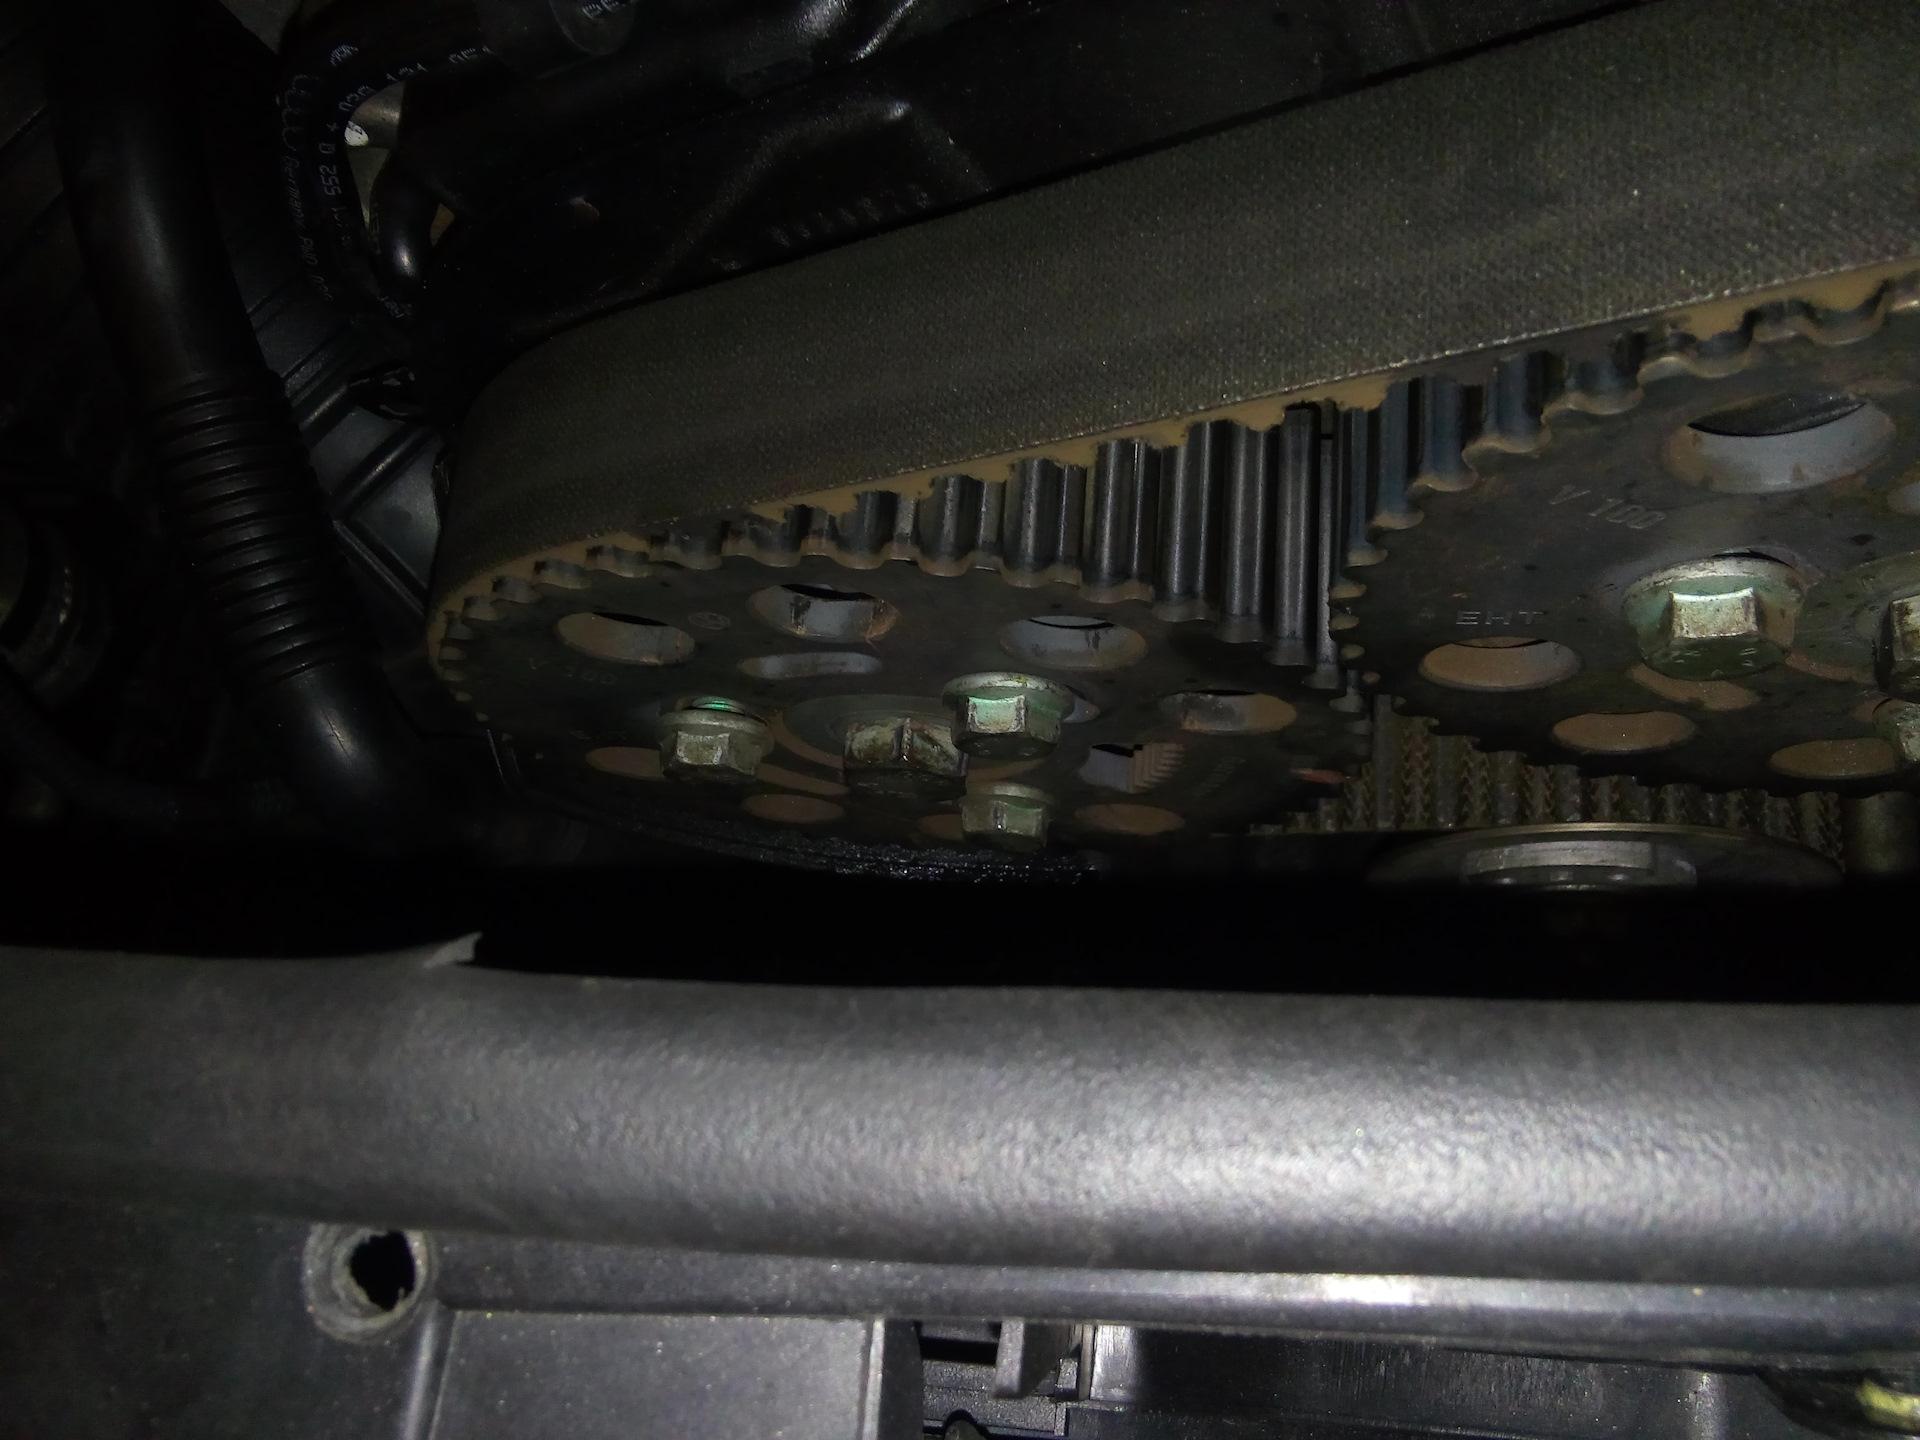 audi a4 двигатель громче работает